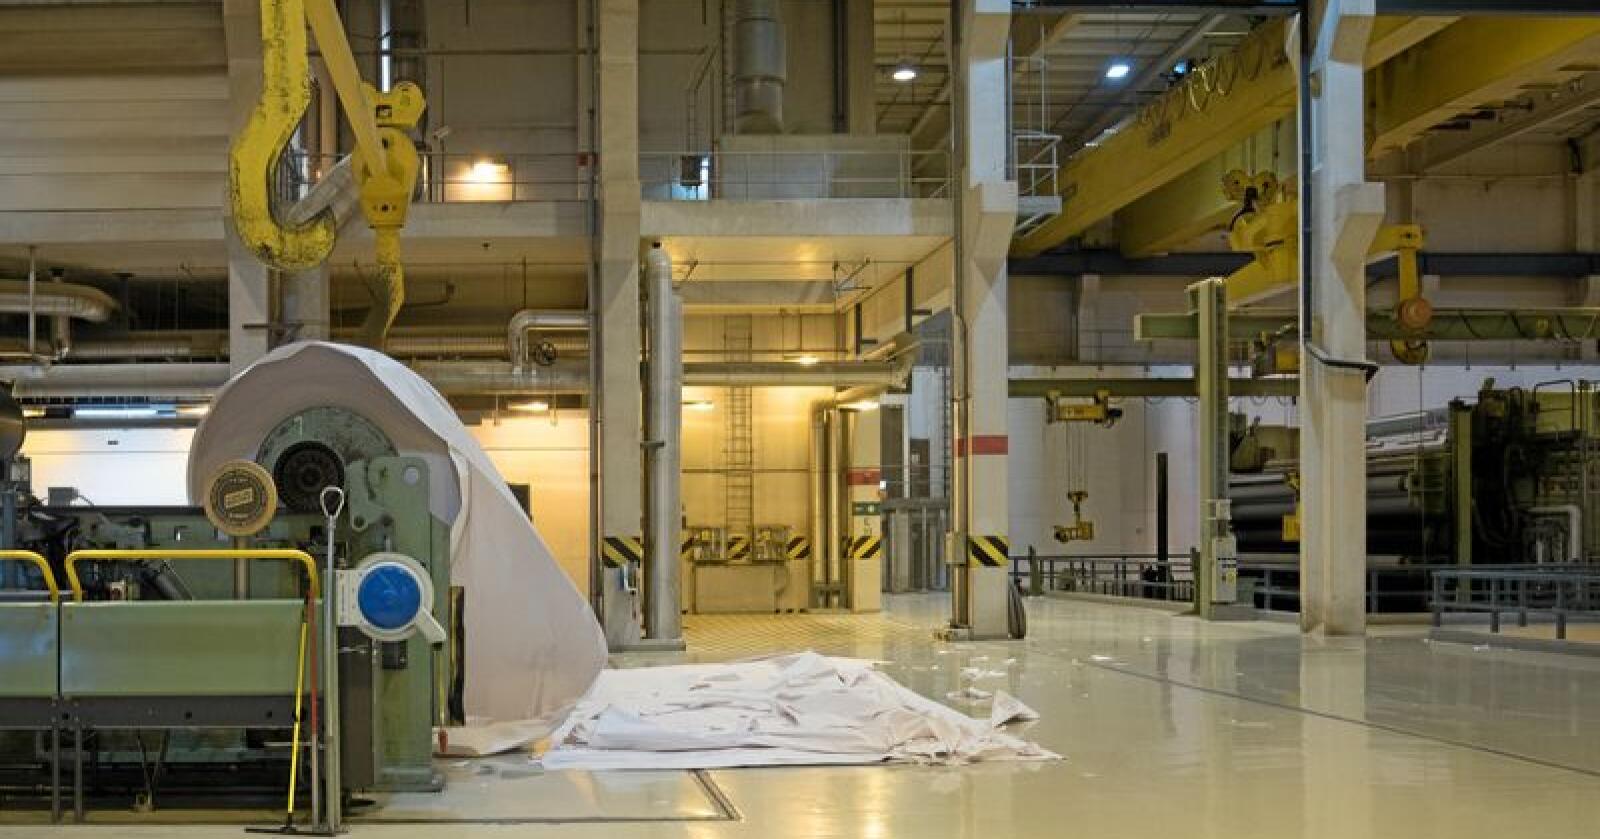 Norske Skog Skogn AS og Norske Skog Saugbrugs AS har inngått en åtteårig industrikraftavtale. Bildet er fra Norske Skog Saugbrugs AS i Halden. Foto: Vidar Sandnes